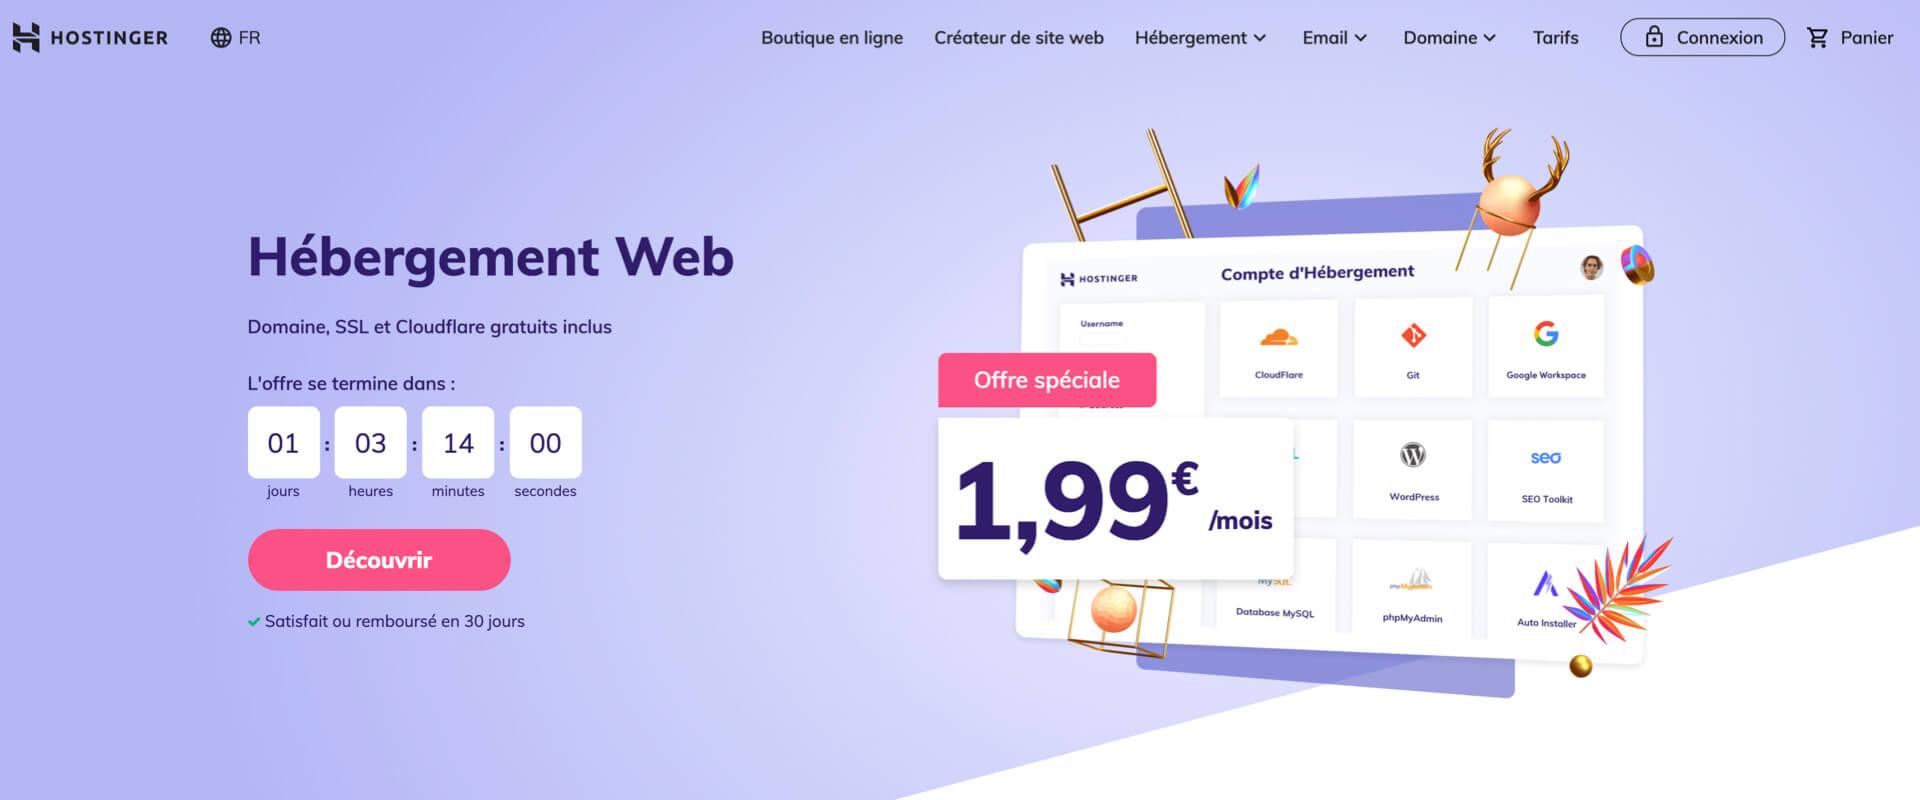 Hebergement web